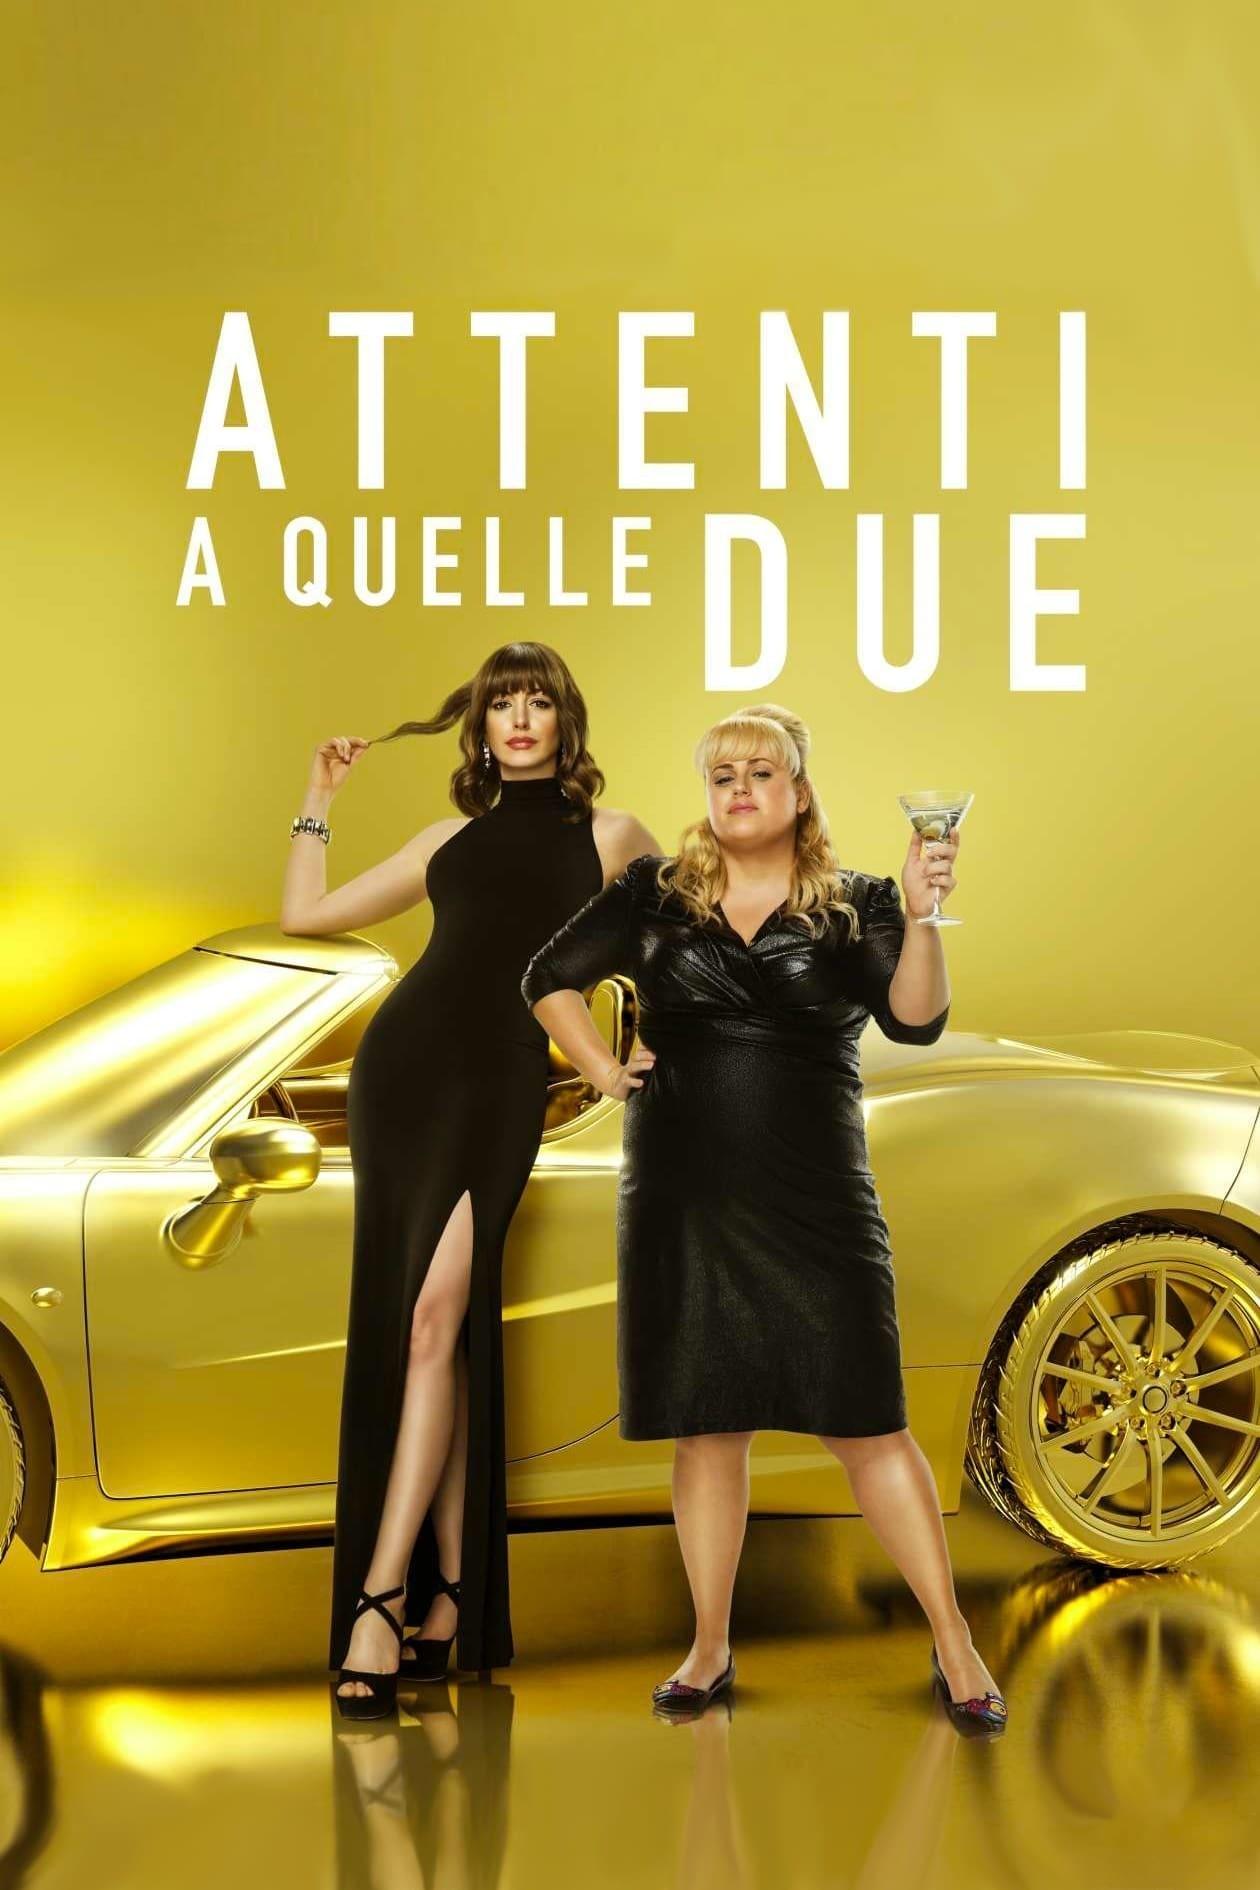 V. o. sott. ita - attenti a quelle due (the hustle)